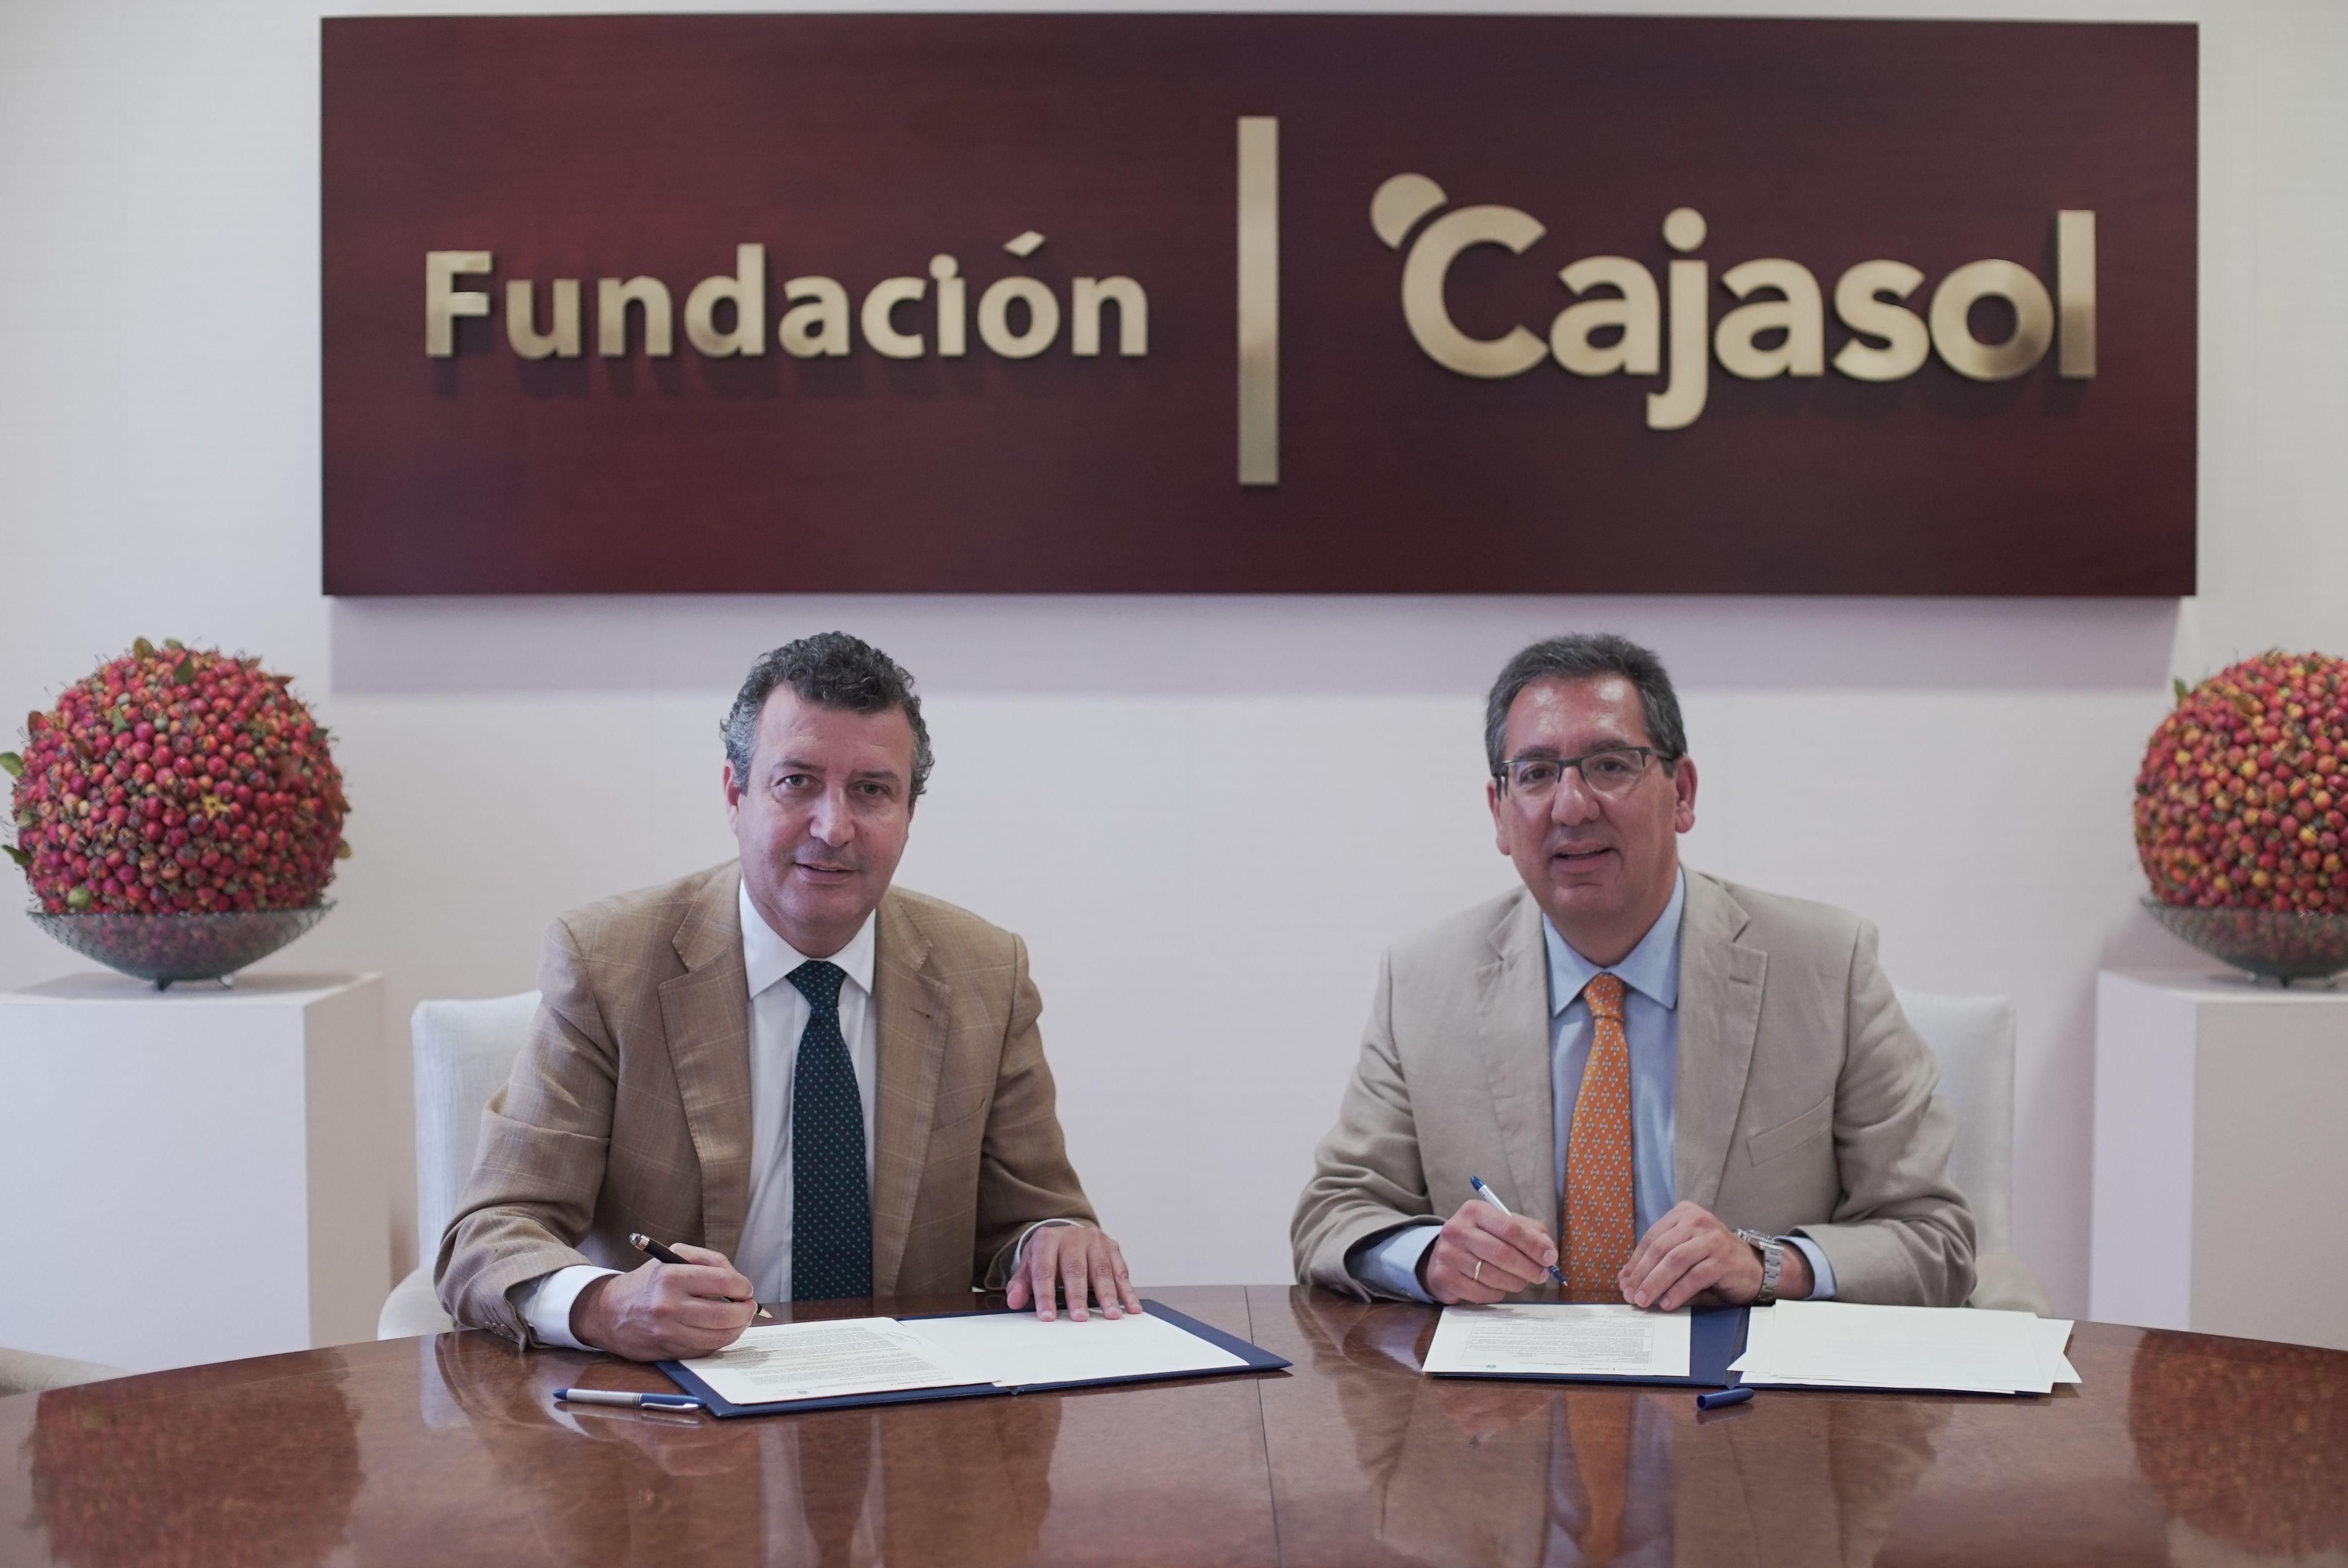 La Rinconada y Fundación Cajasol